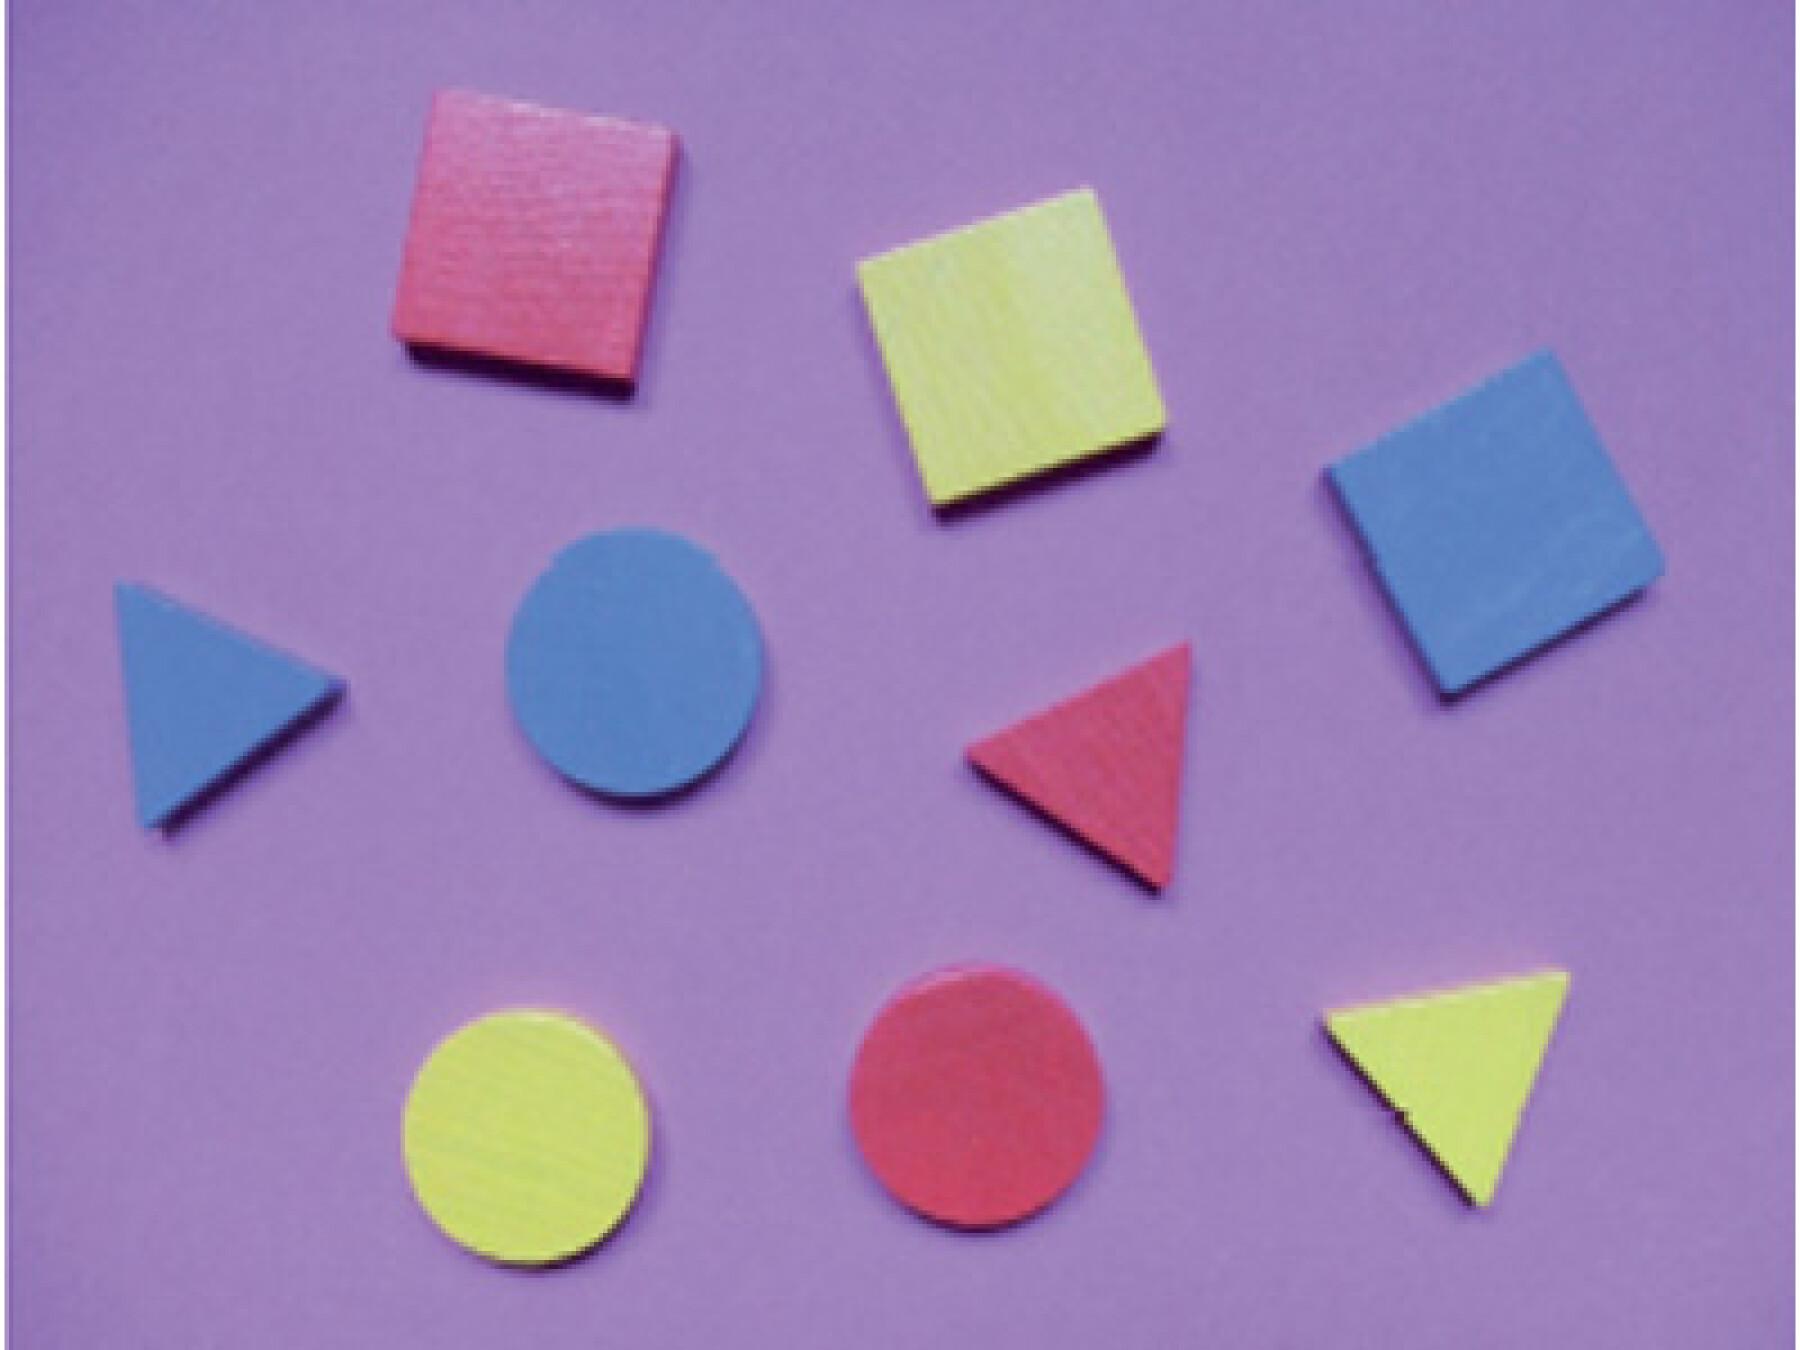 Le triangle, le cercle, et le carré